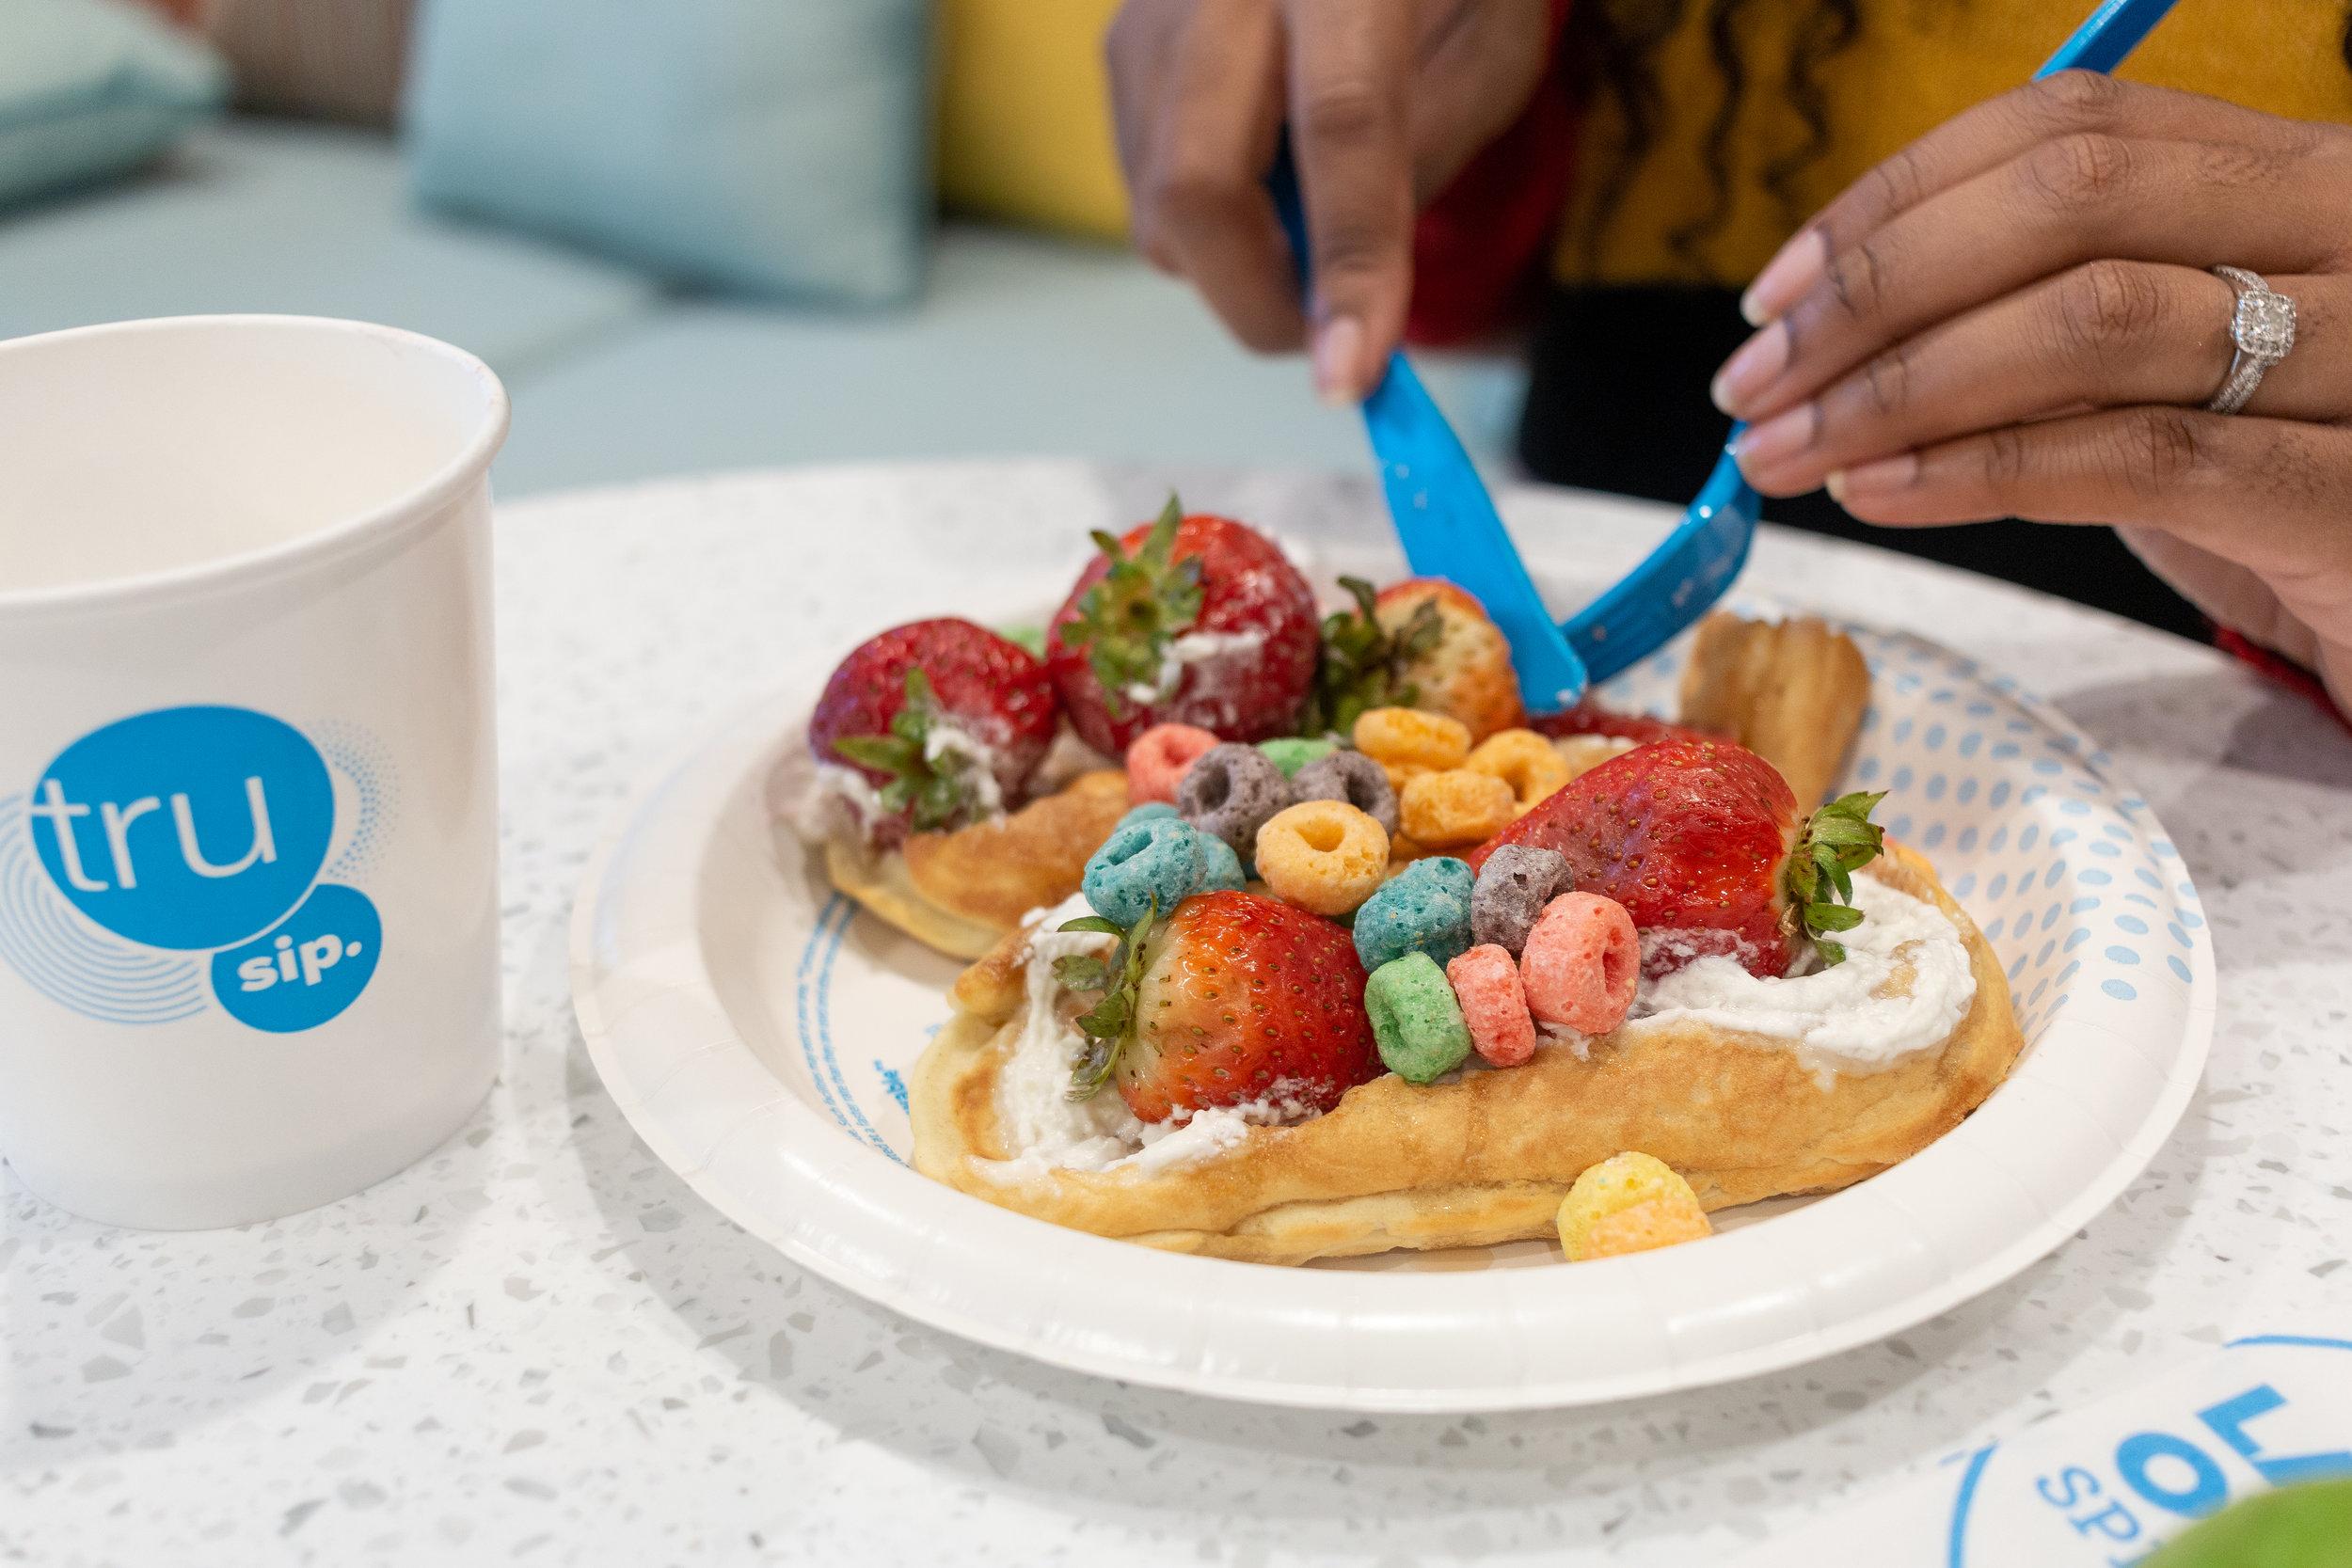 Shasha's Strawberry Waffle Boat